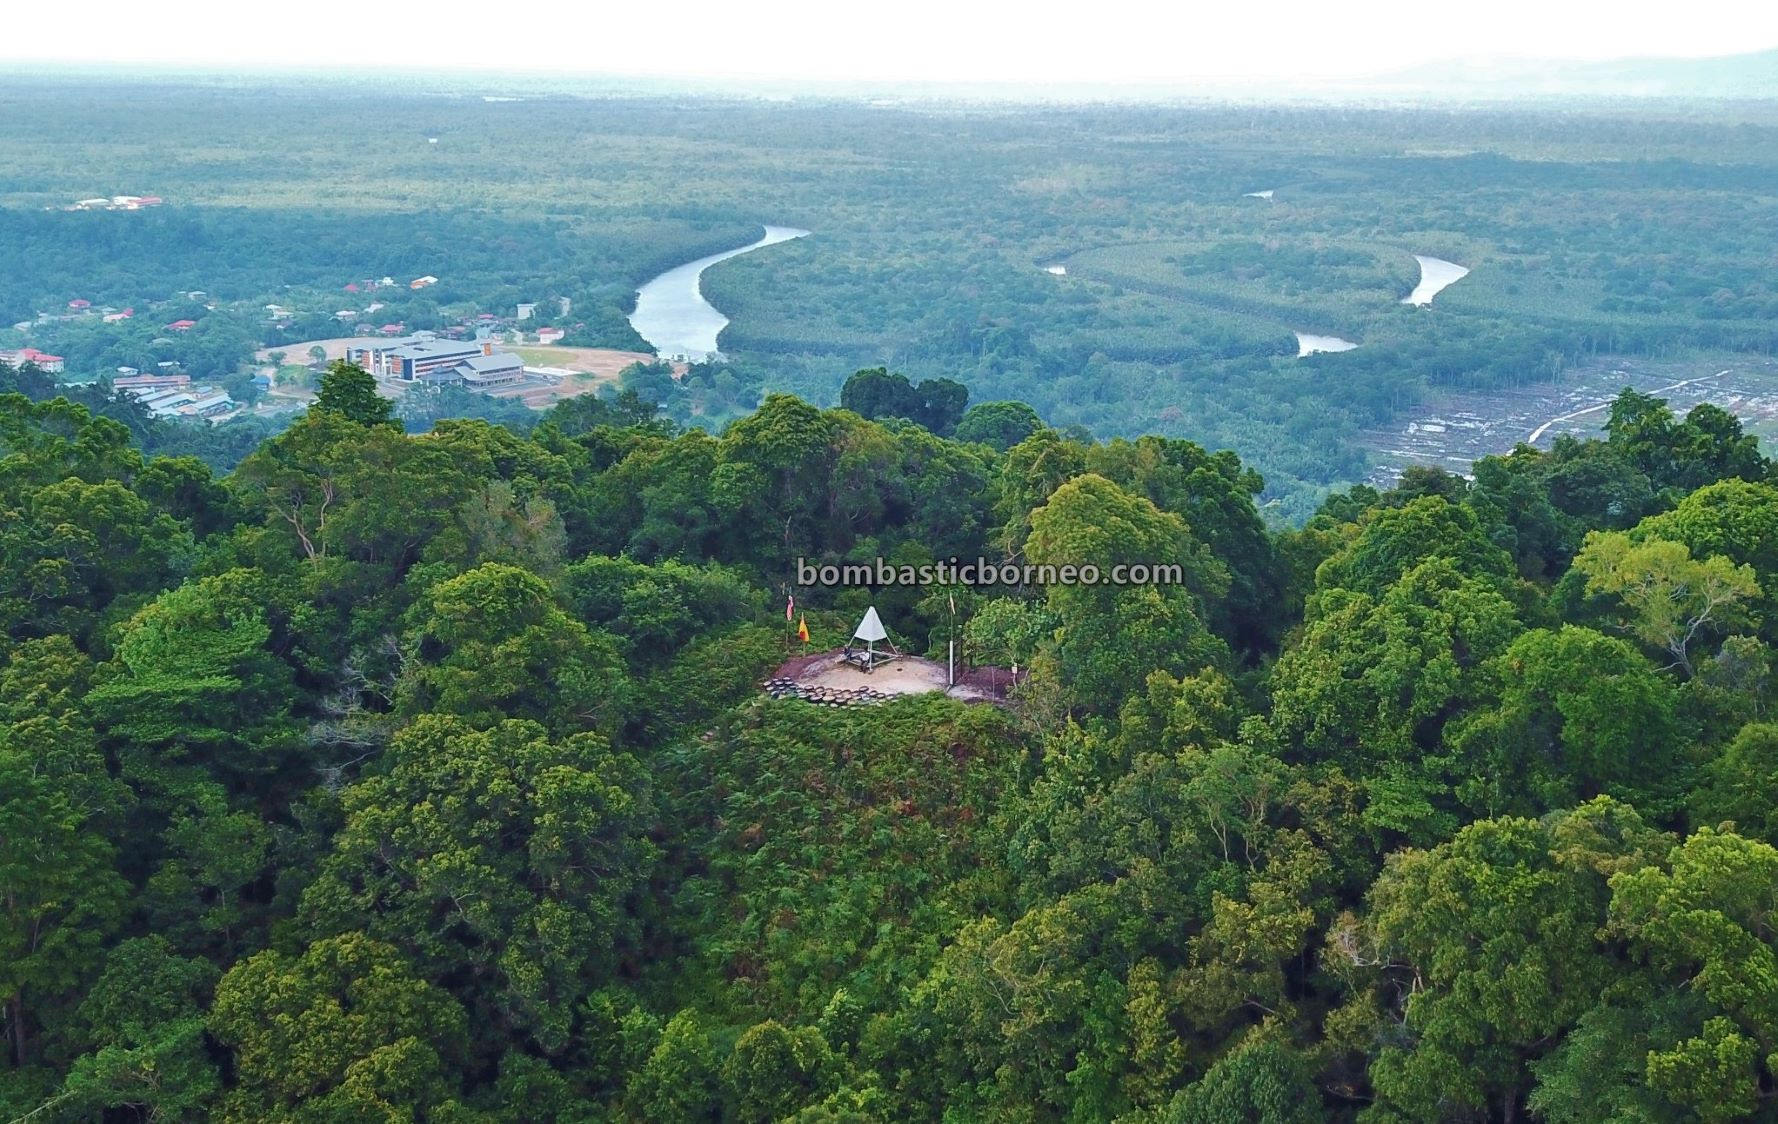 trig point, recreational park, Taman Tasik Bukit Mas, trekking, hiking, nature, destination, exploration, Sarawak, Malaysia, Limbang, Tourism, tourist attraction, tarikan pelancong, Borneo,